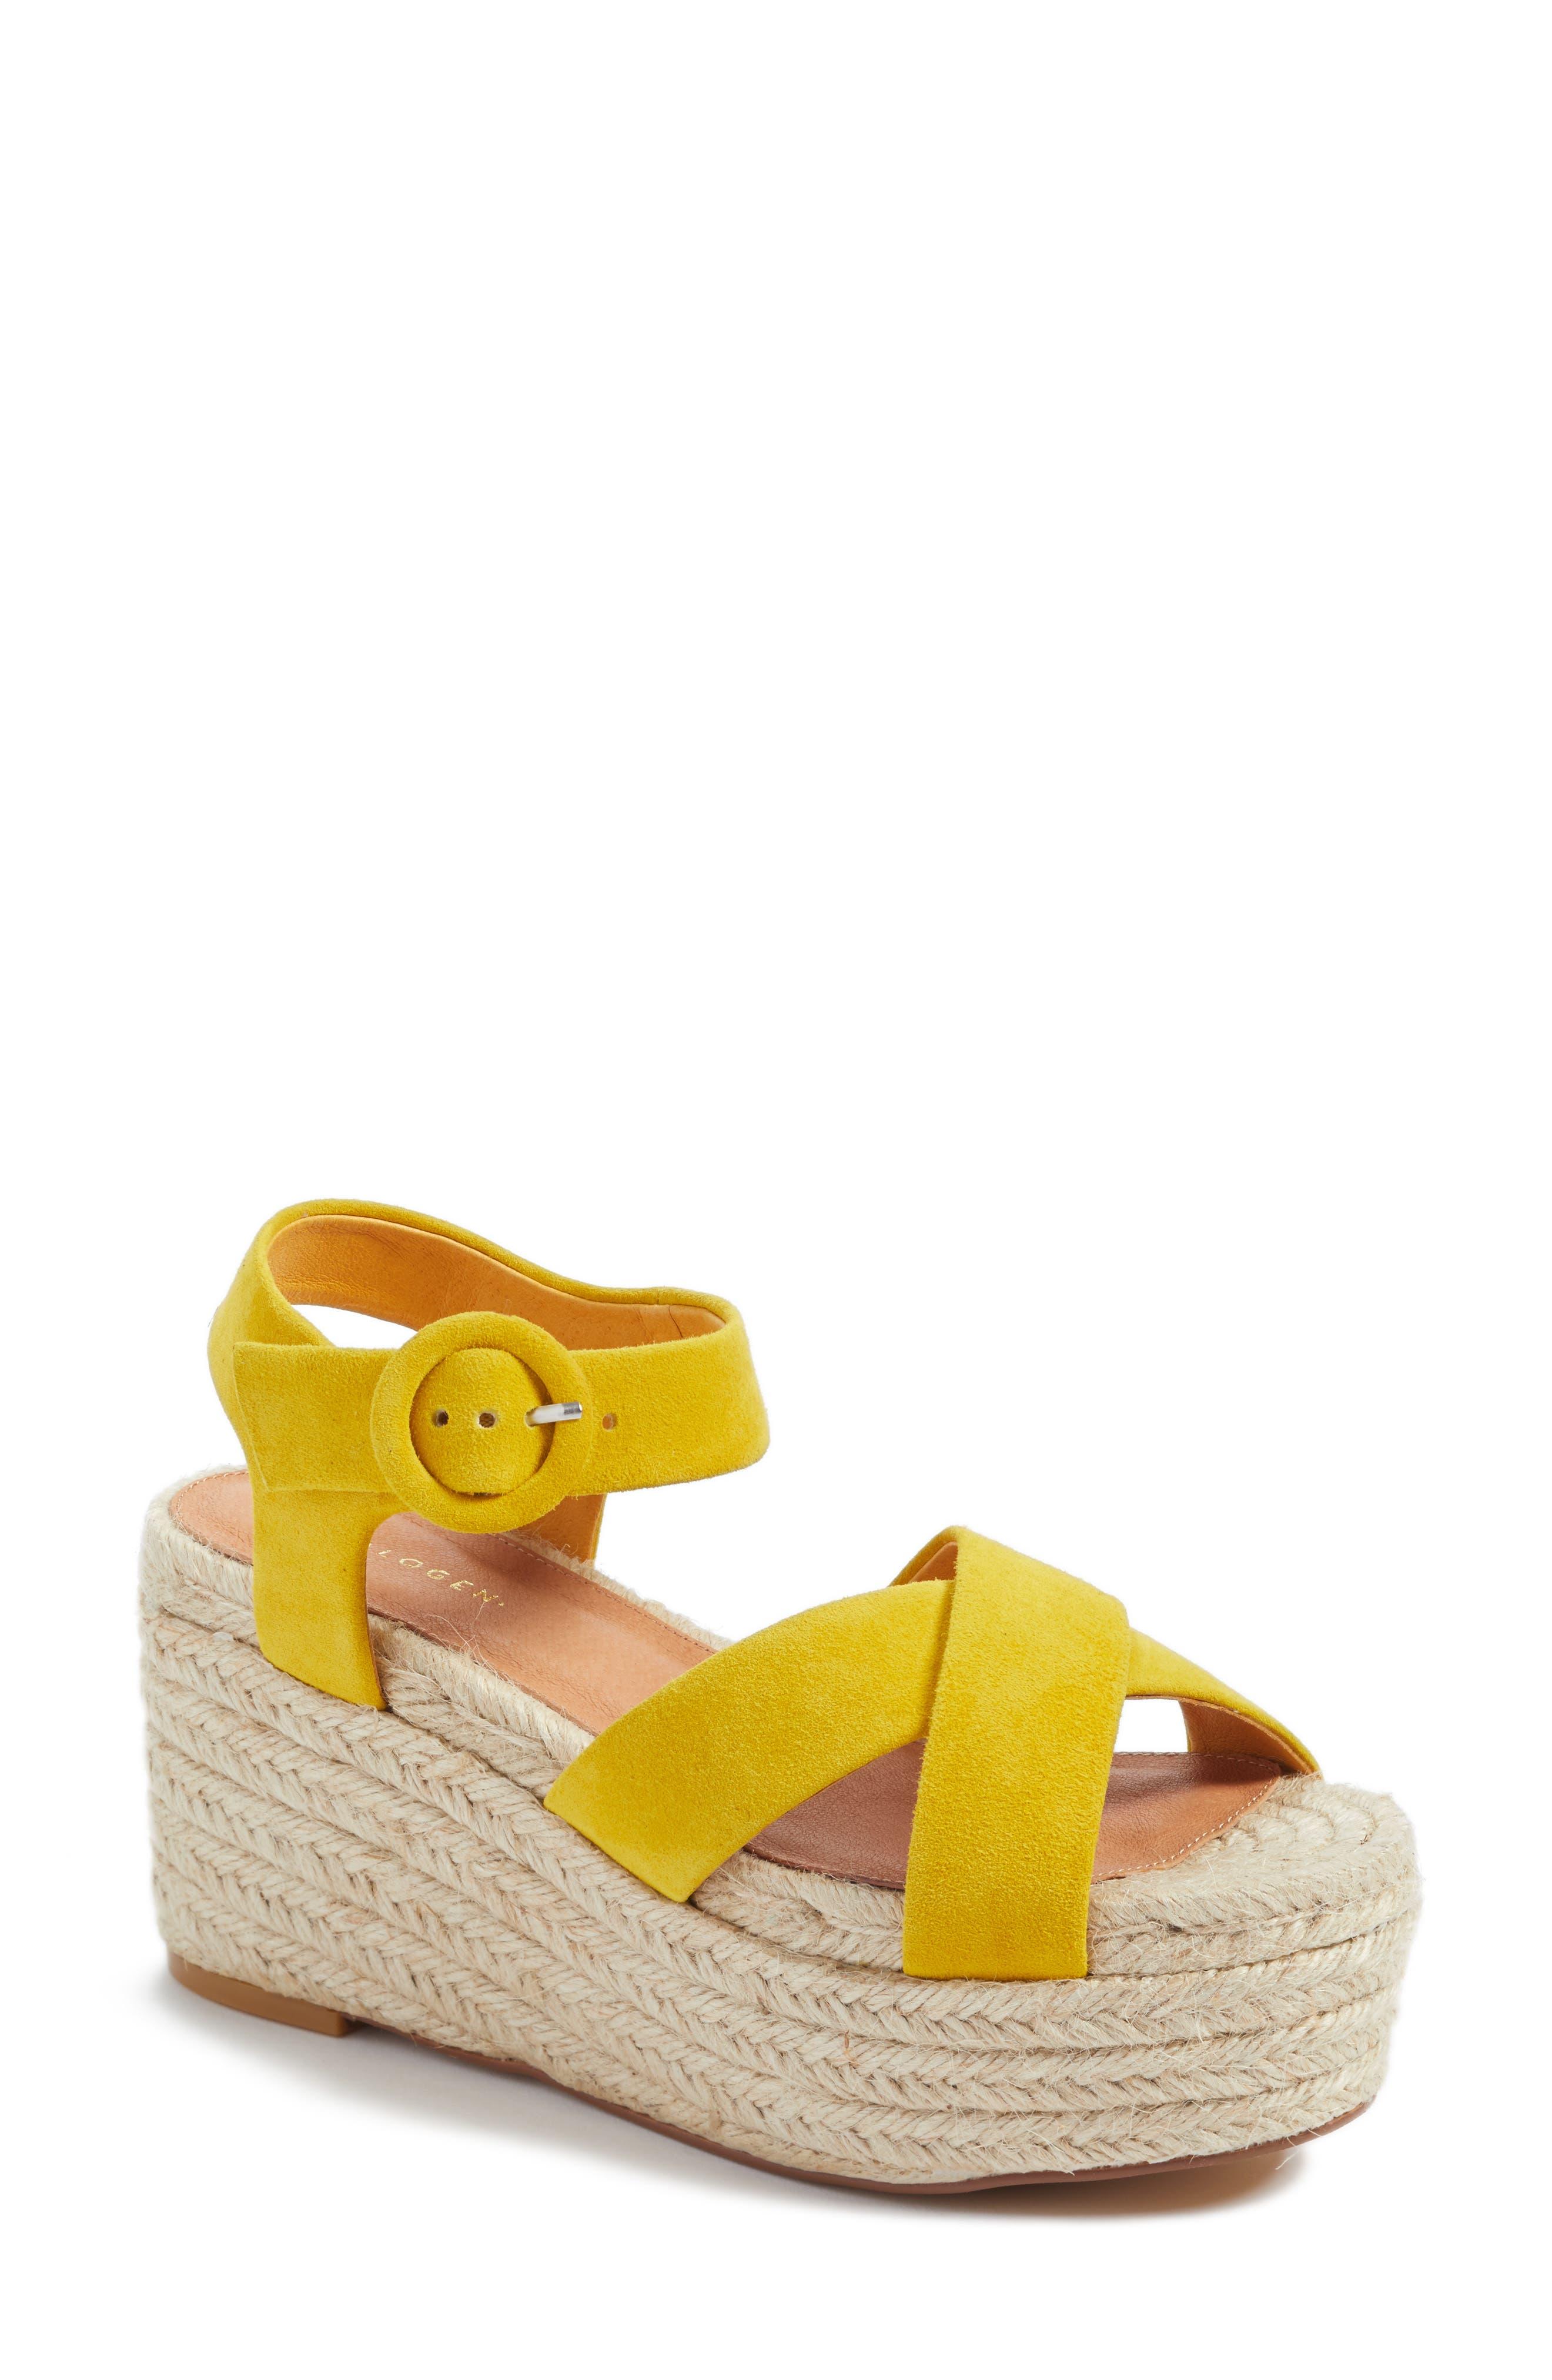 Alternate Image 1 Selected - Halogen® Emery Platform Espadrille Sandal (Women)